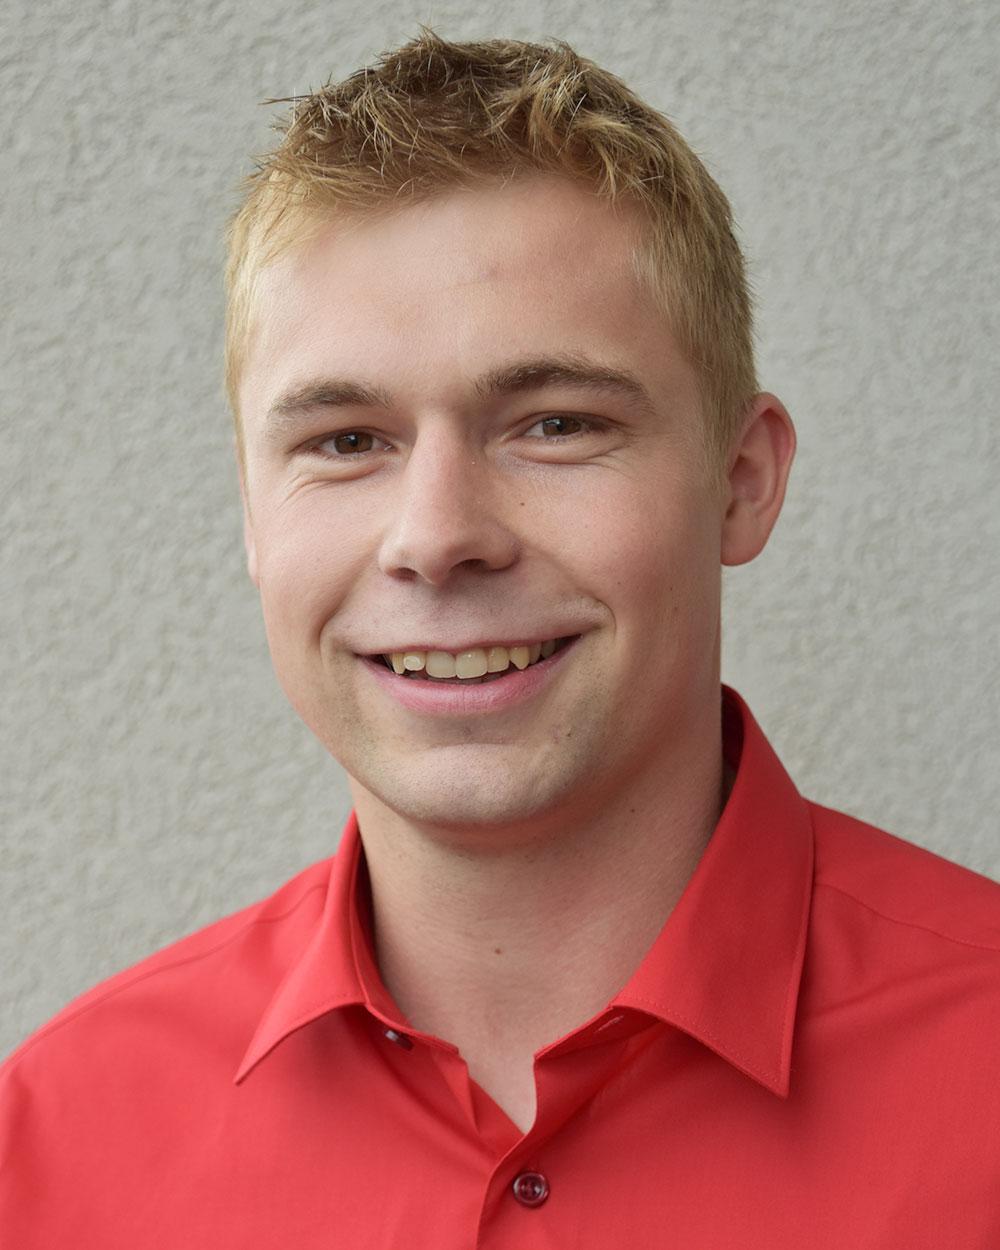 Patrick Eicher